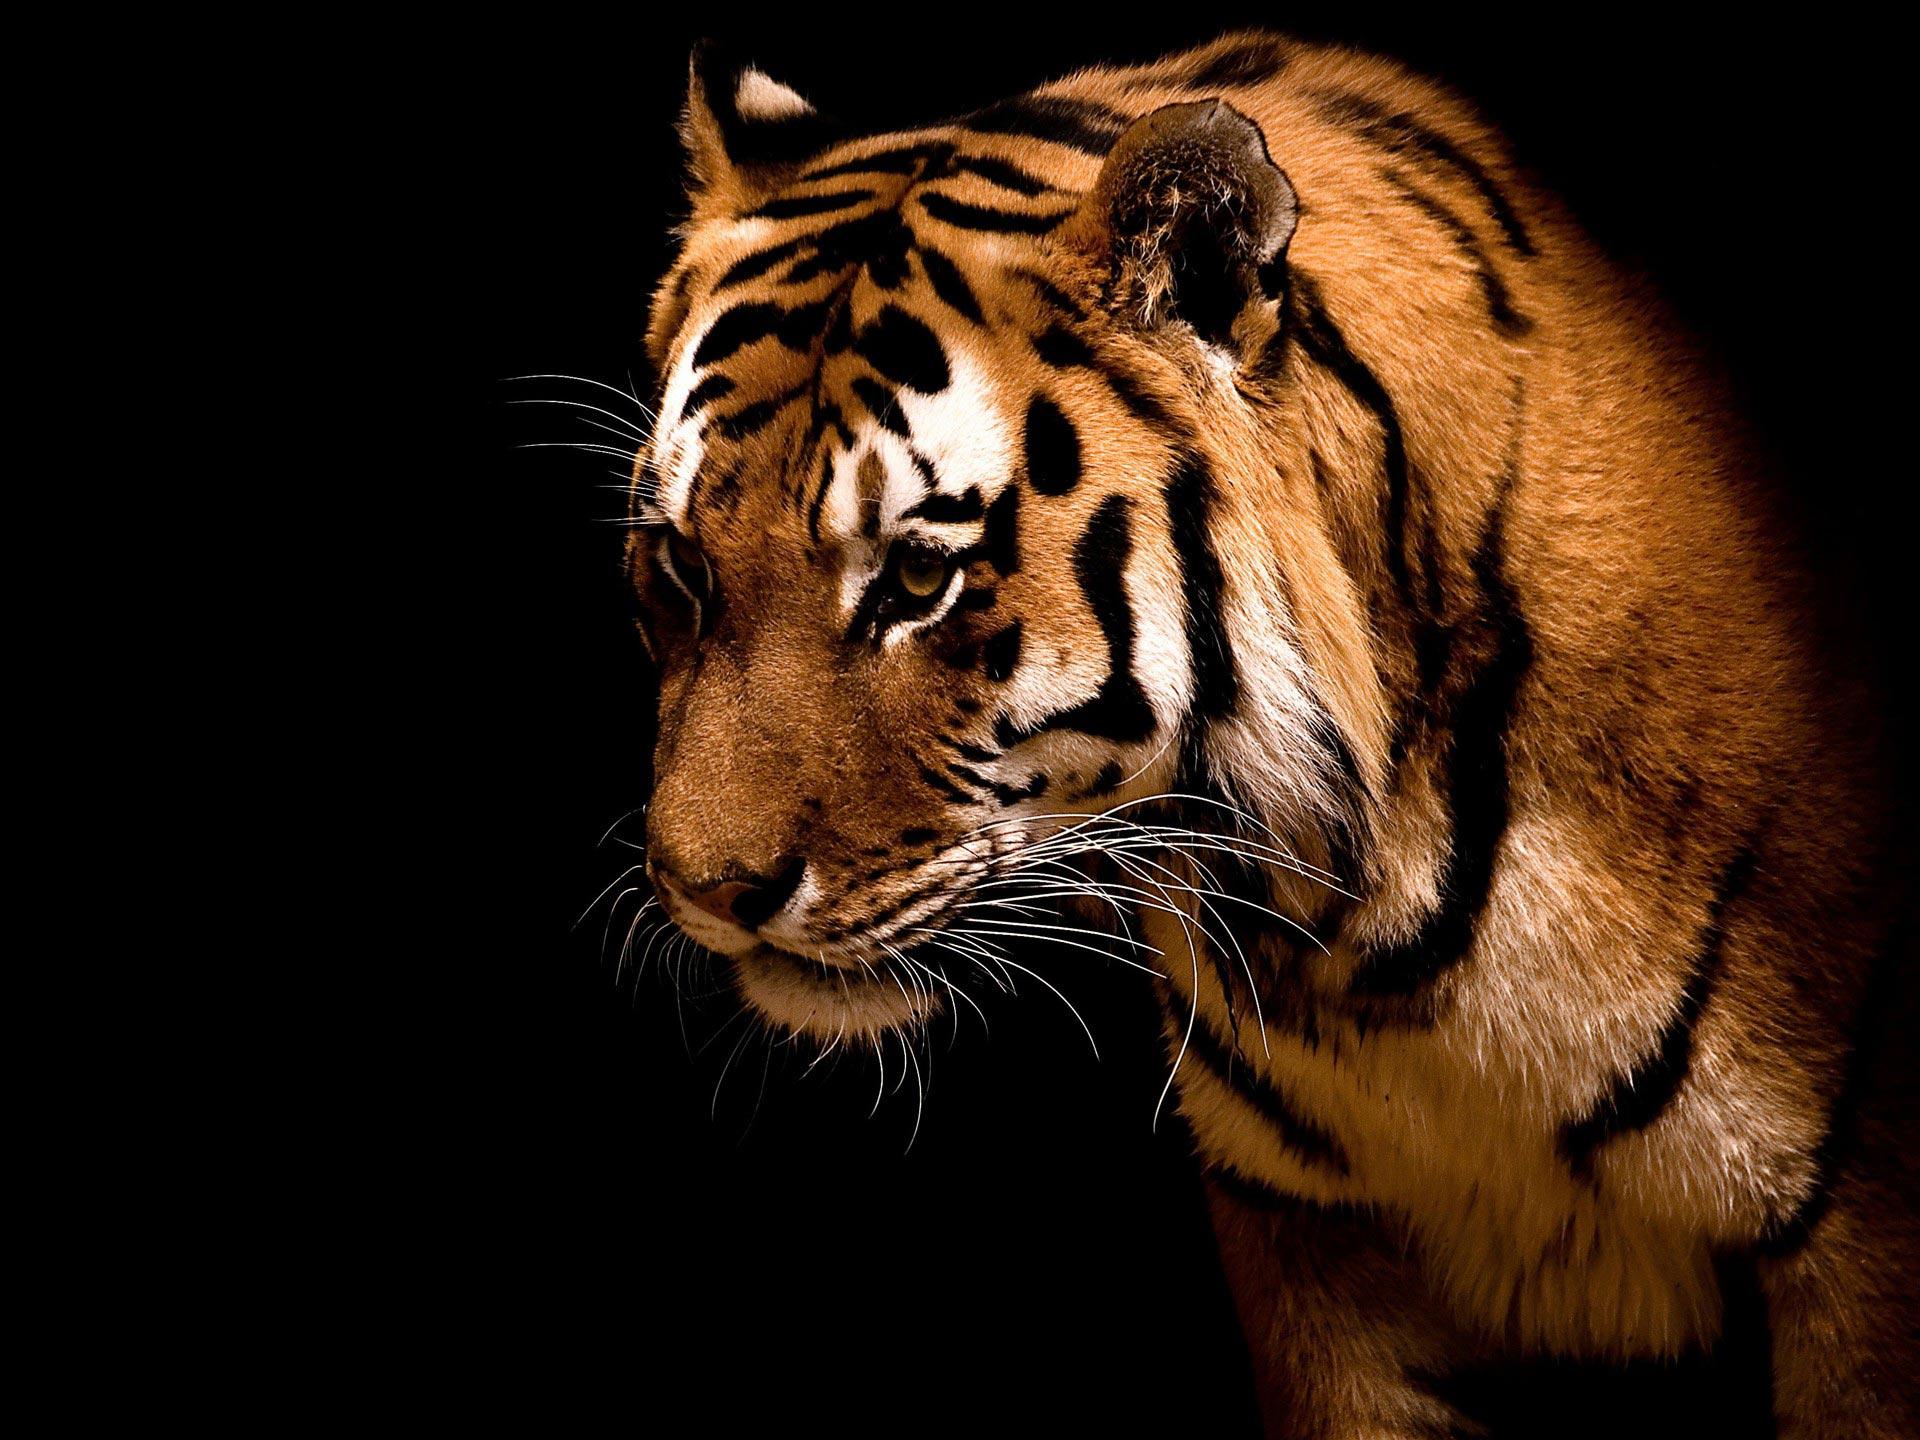 Tiger Big cat hd Wallpaper High Quality WallpapersWallpaper 1920x1440